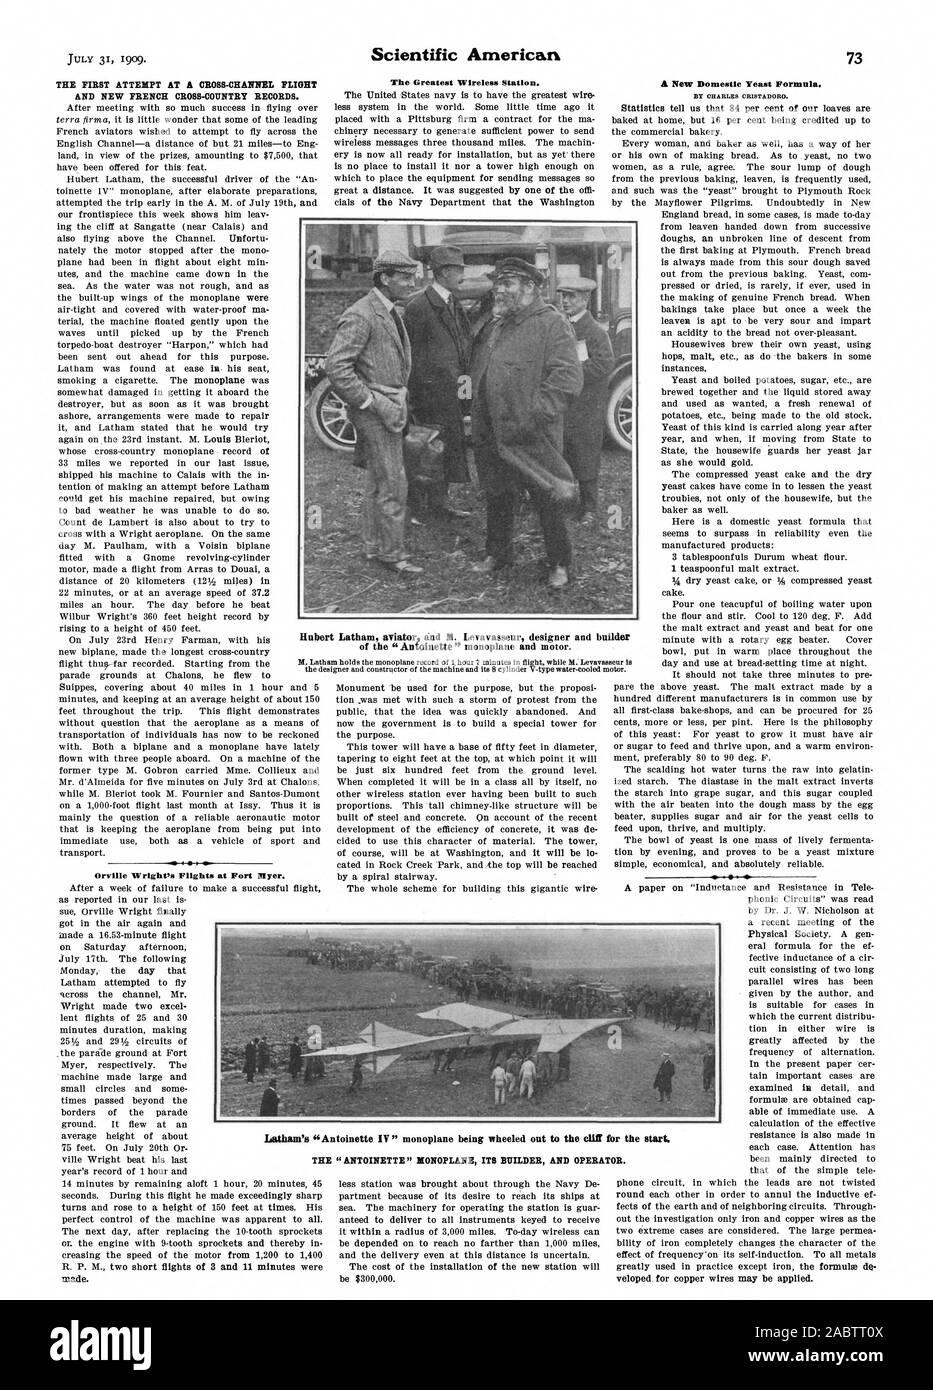 La première tentative de vol cross-canal ET DE NOUVEAUX DOSSIERS DE FOND FRANÇAIS. Mauvais 4 Orville Wright's Vols à Fort Myer.. La plus grande station sans fil. développé pour les fils de cuivre peuvent être appliquées. Hubert Latham aviator et M. LEVAVASSEUR concepteur et constructeur de l'Antoinette' et 'monoplan à moteur. L'un 'LA Latham '' son monoplan ANTOINETTE BUILDER ET L'opérateur., Scientific American, -1909-07-31 Banque D'Images